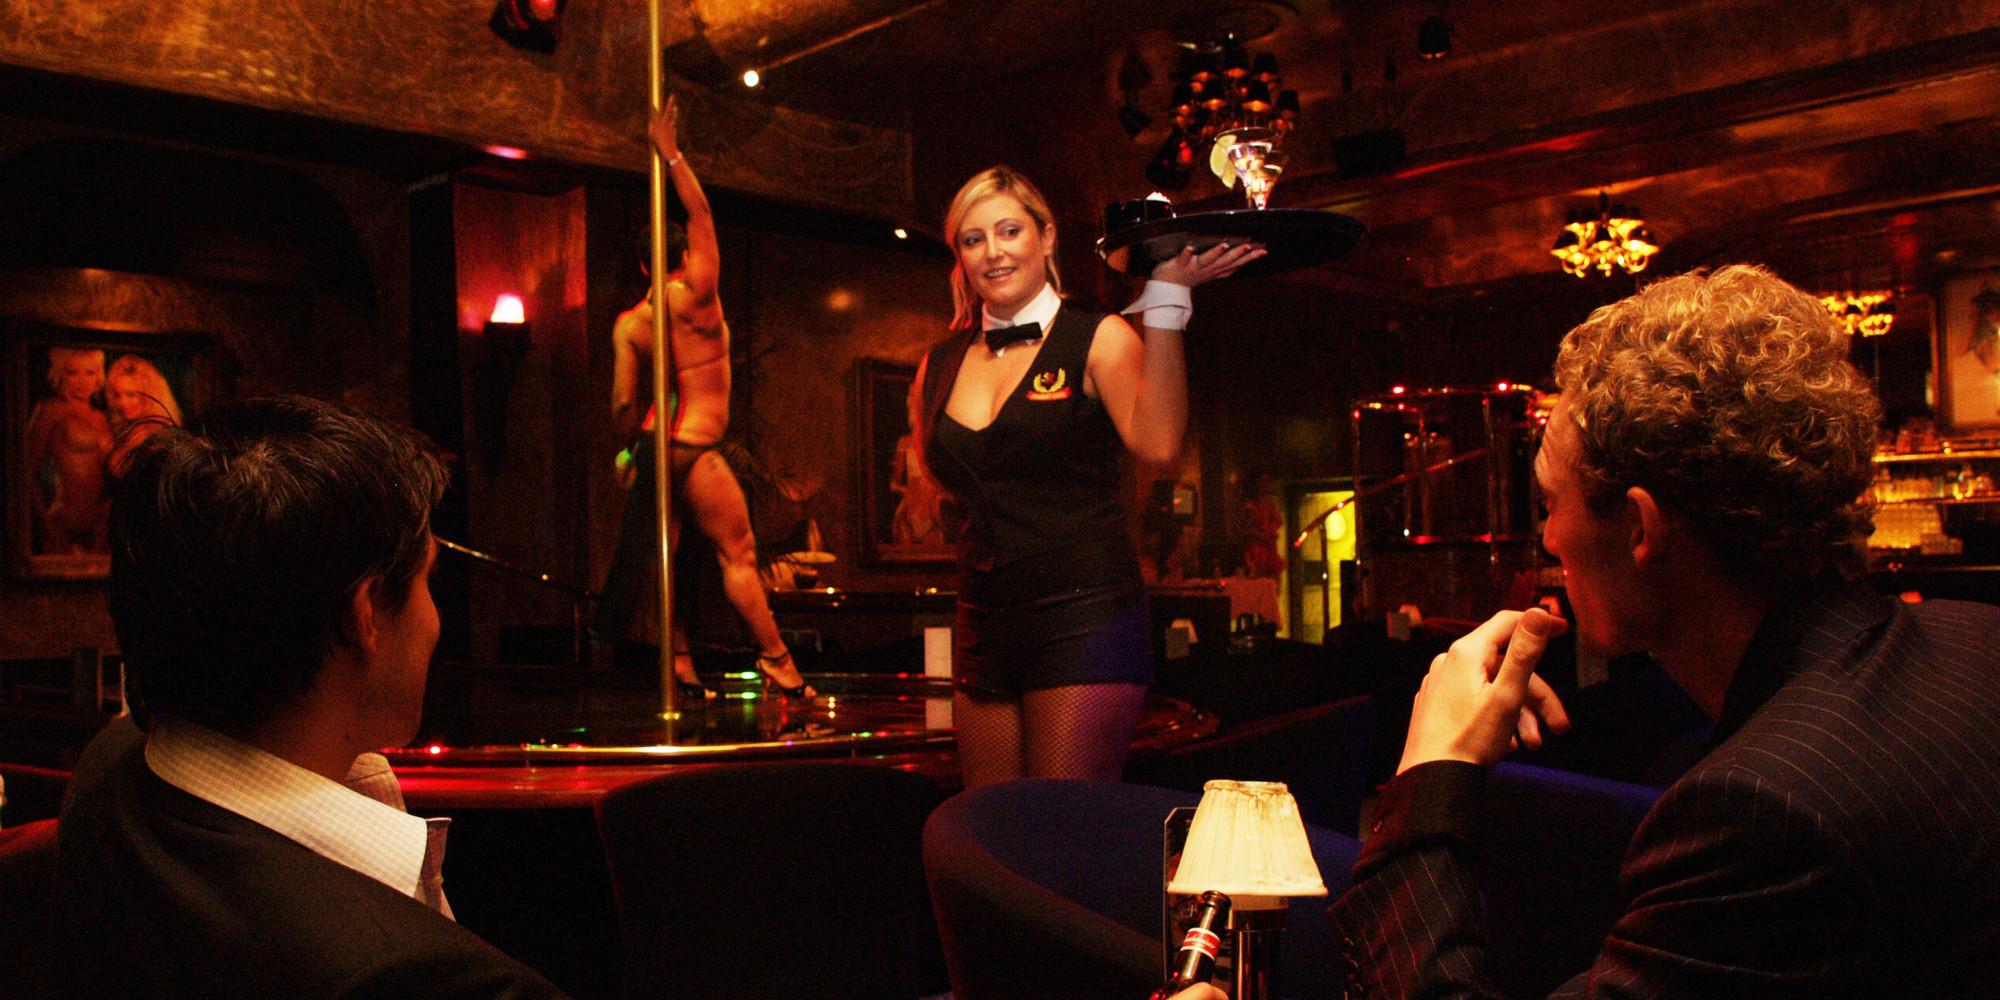 Asian barmaid chix girl hot slut woman